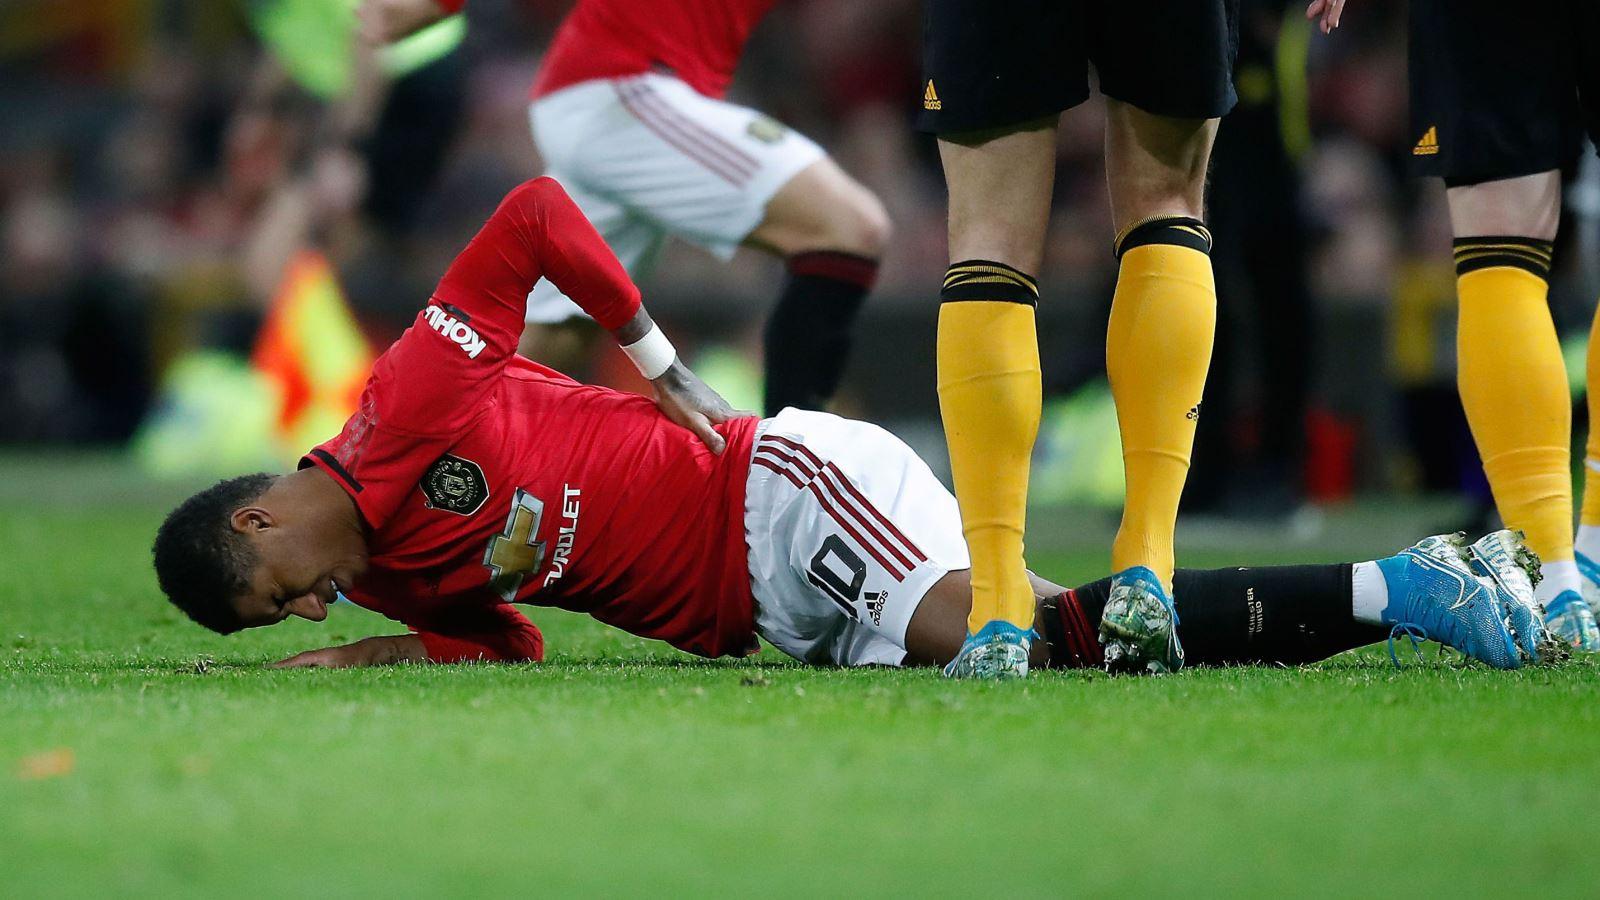 Ngoại hạng Anh dồn lịch vào tháng Sáu, cầu thủ có nguy cơ chấn thương hàng loạt